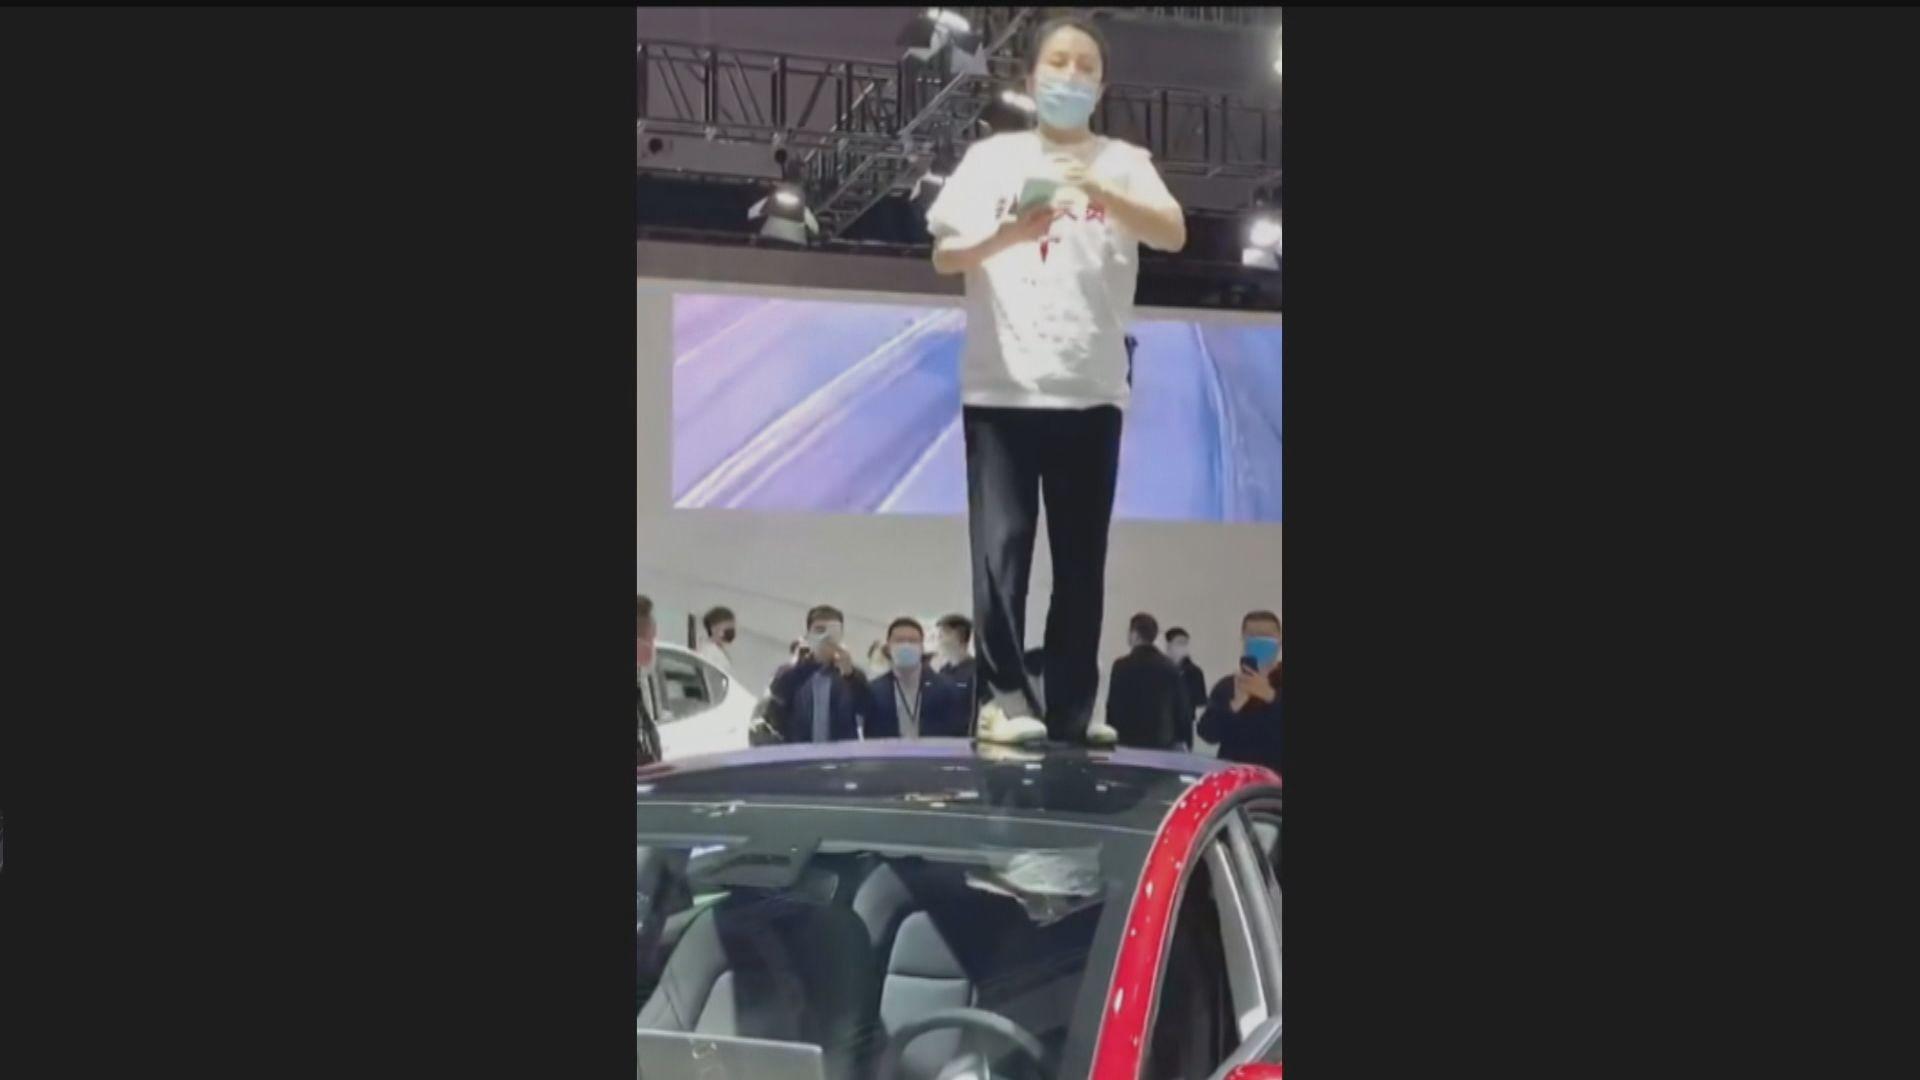 市監局責令地方部門依法處理Tesla車主維權事件